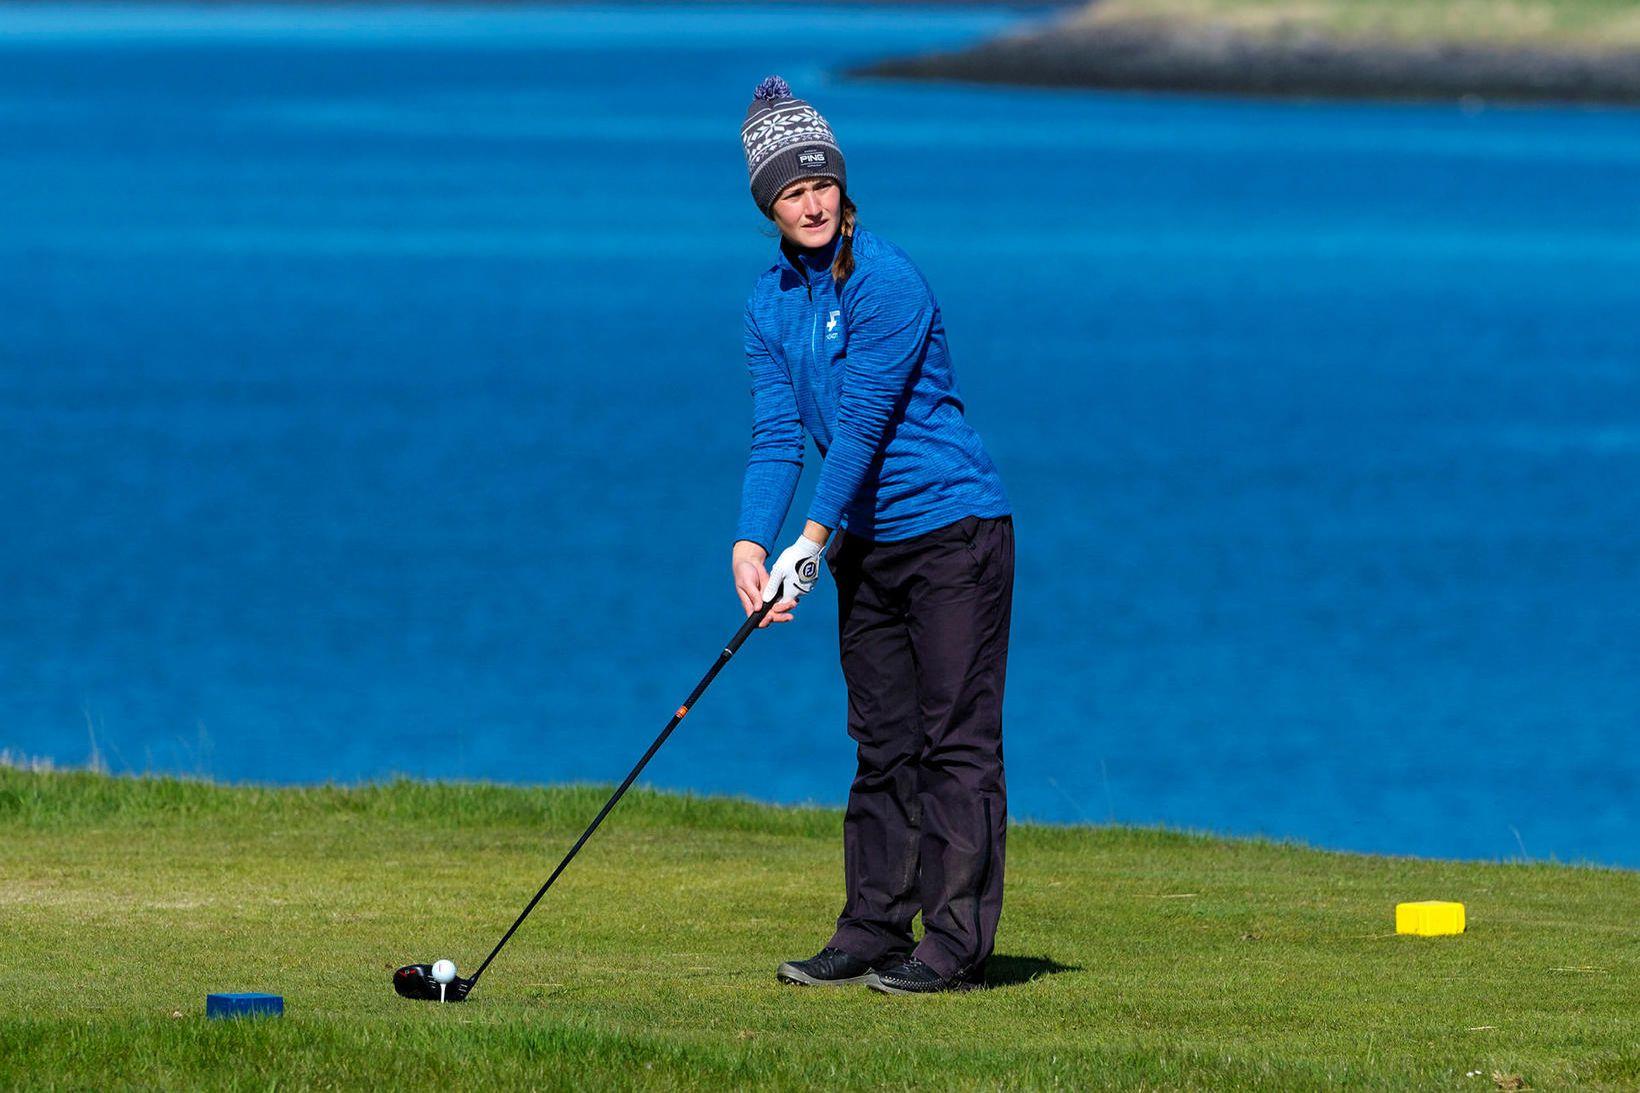 Guðrún Brá Björgvinsdóttir er ríkjandi Íslandsmeistari í golfi í kvennaflokki.